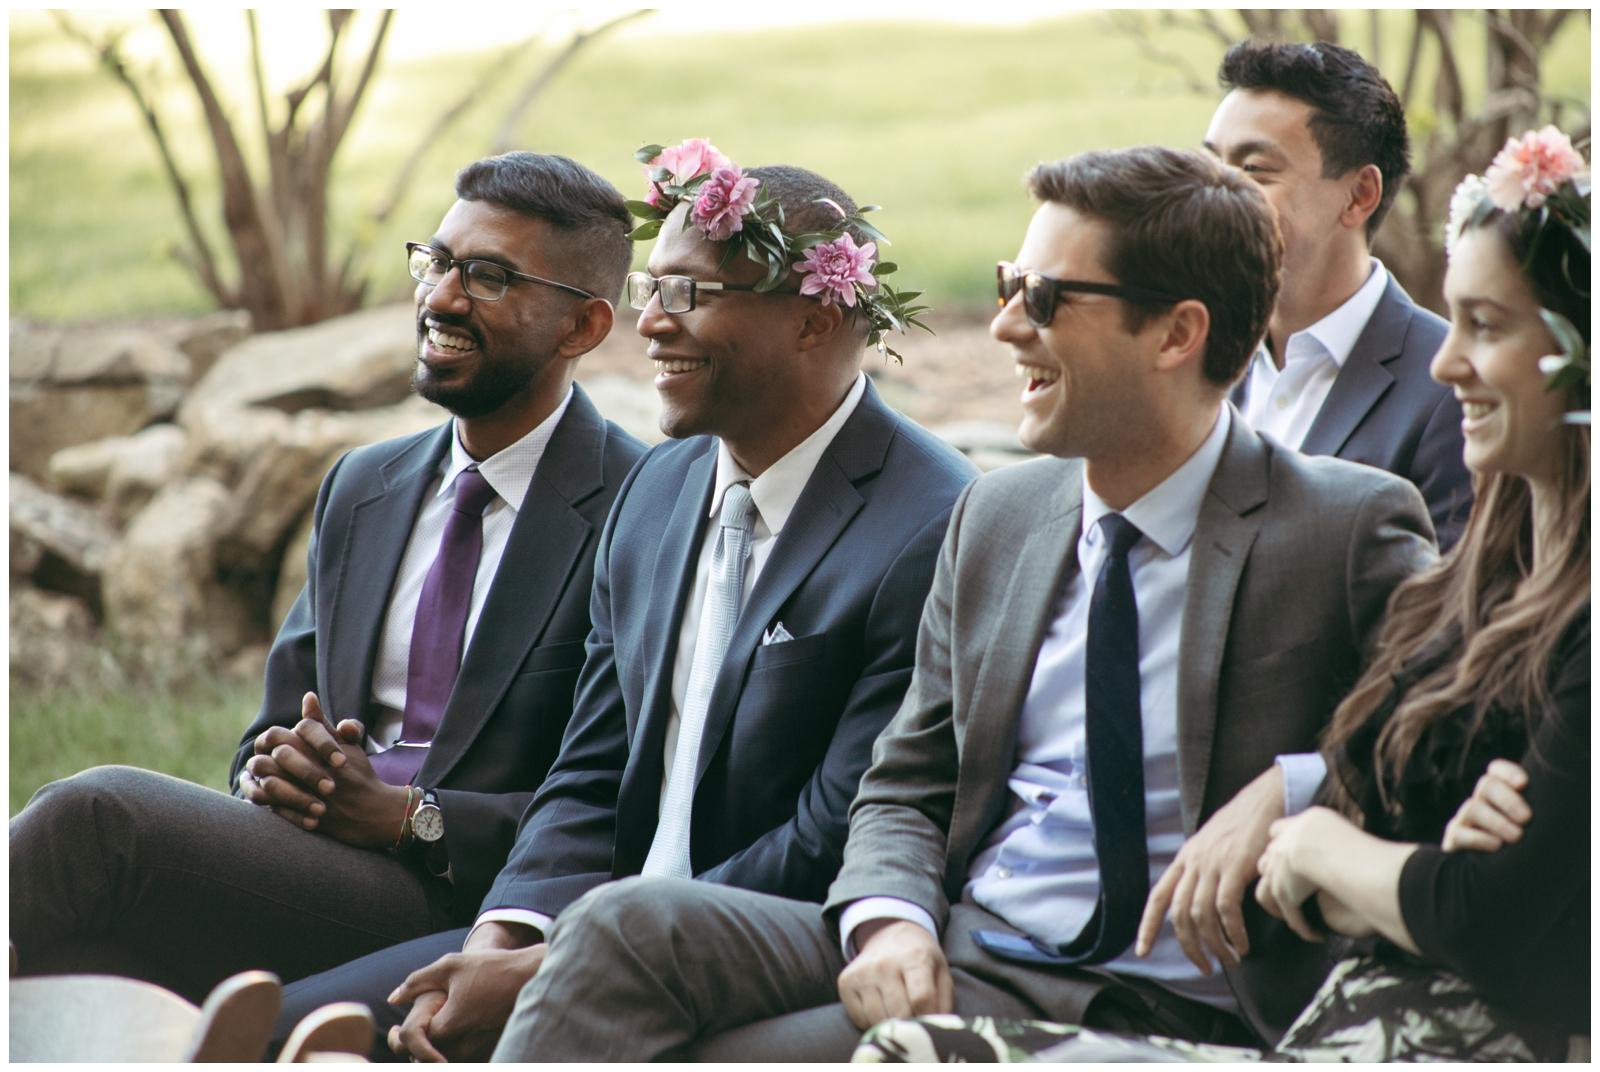 nontraditional wedding ideas